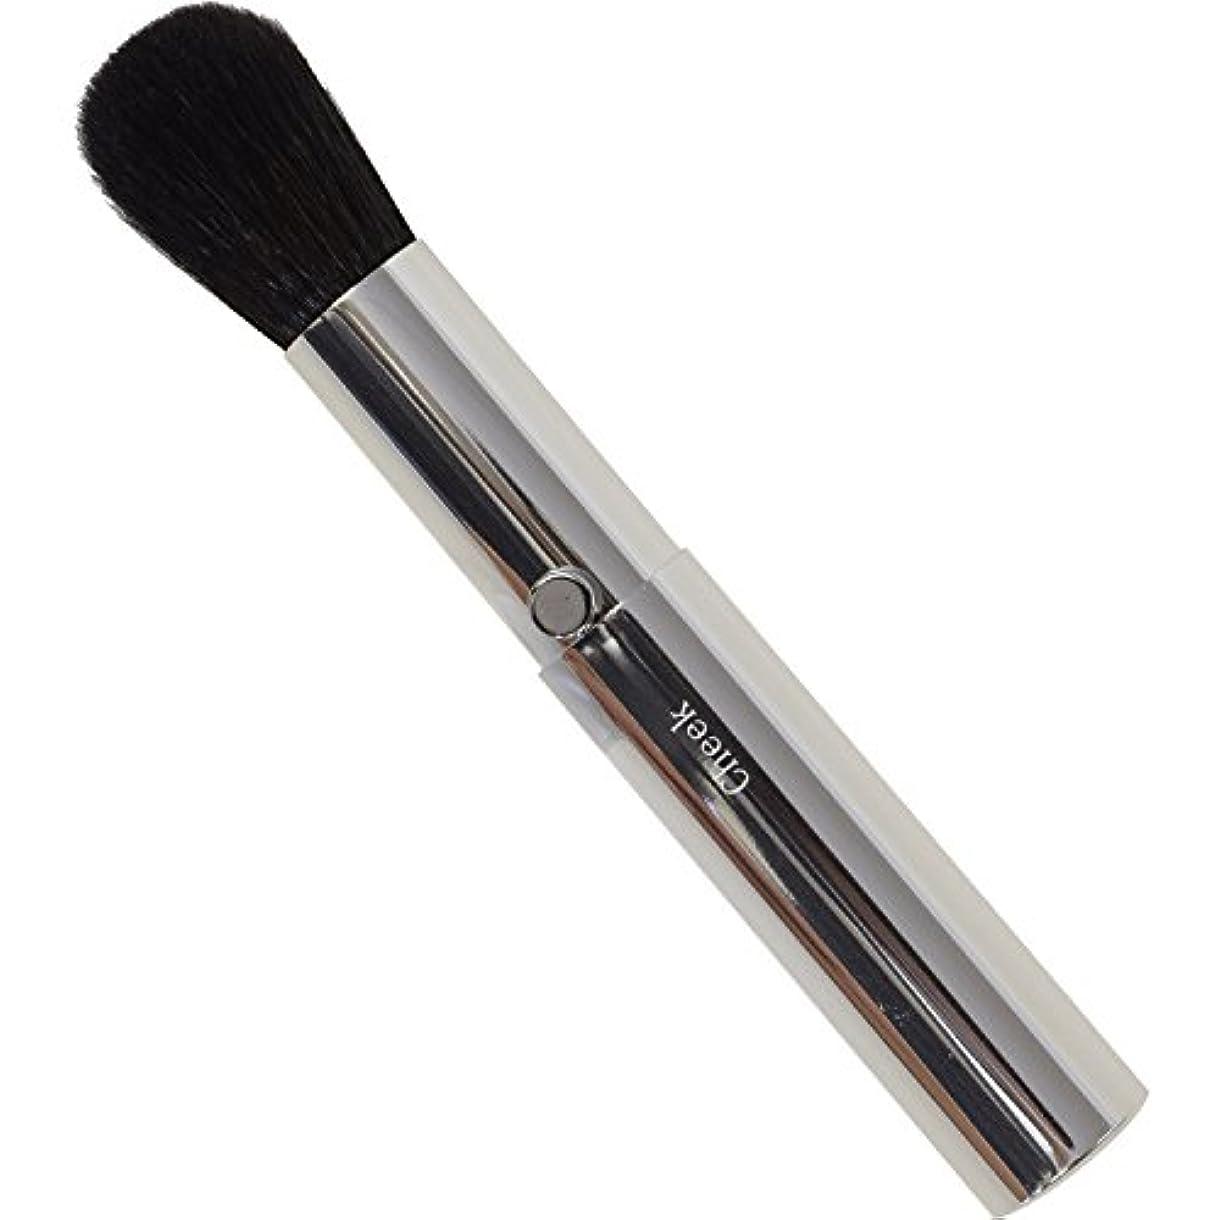 汚れる何役割SSS-C2 六角館さくら堂 スタイリッシュシンプルチークブラシ 粗光峰100% 高品質のスライドタイプ化粧筆